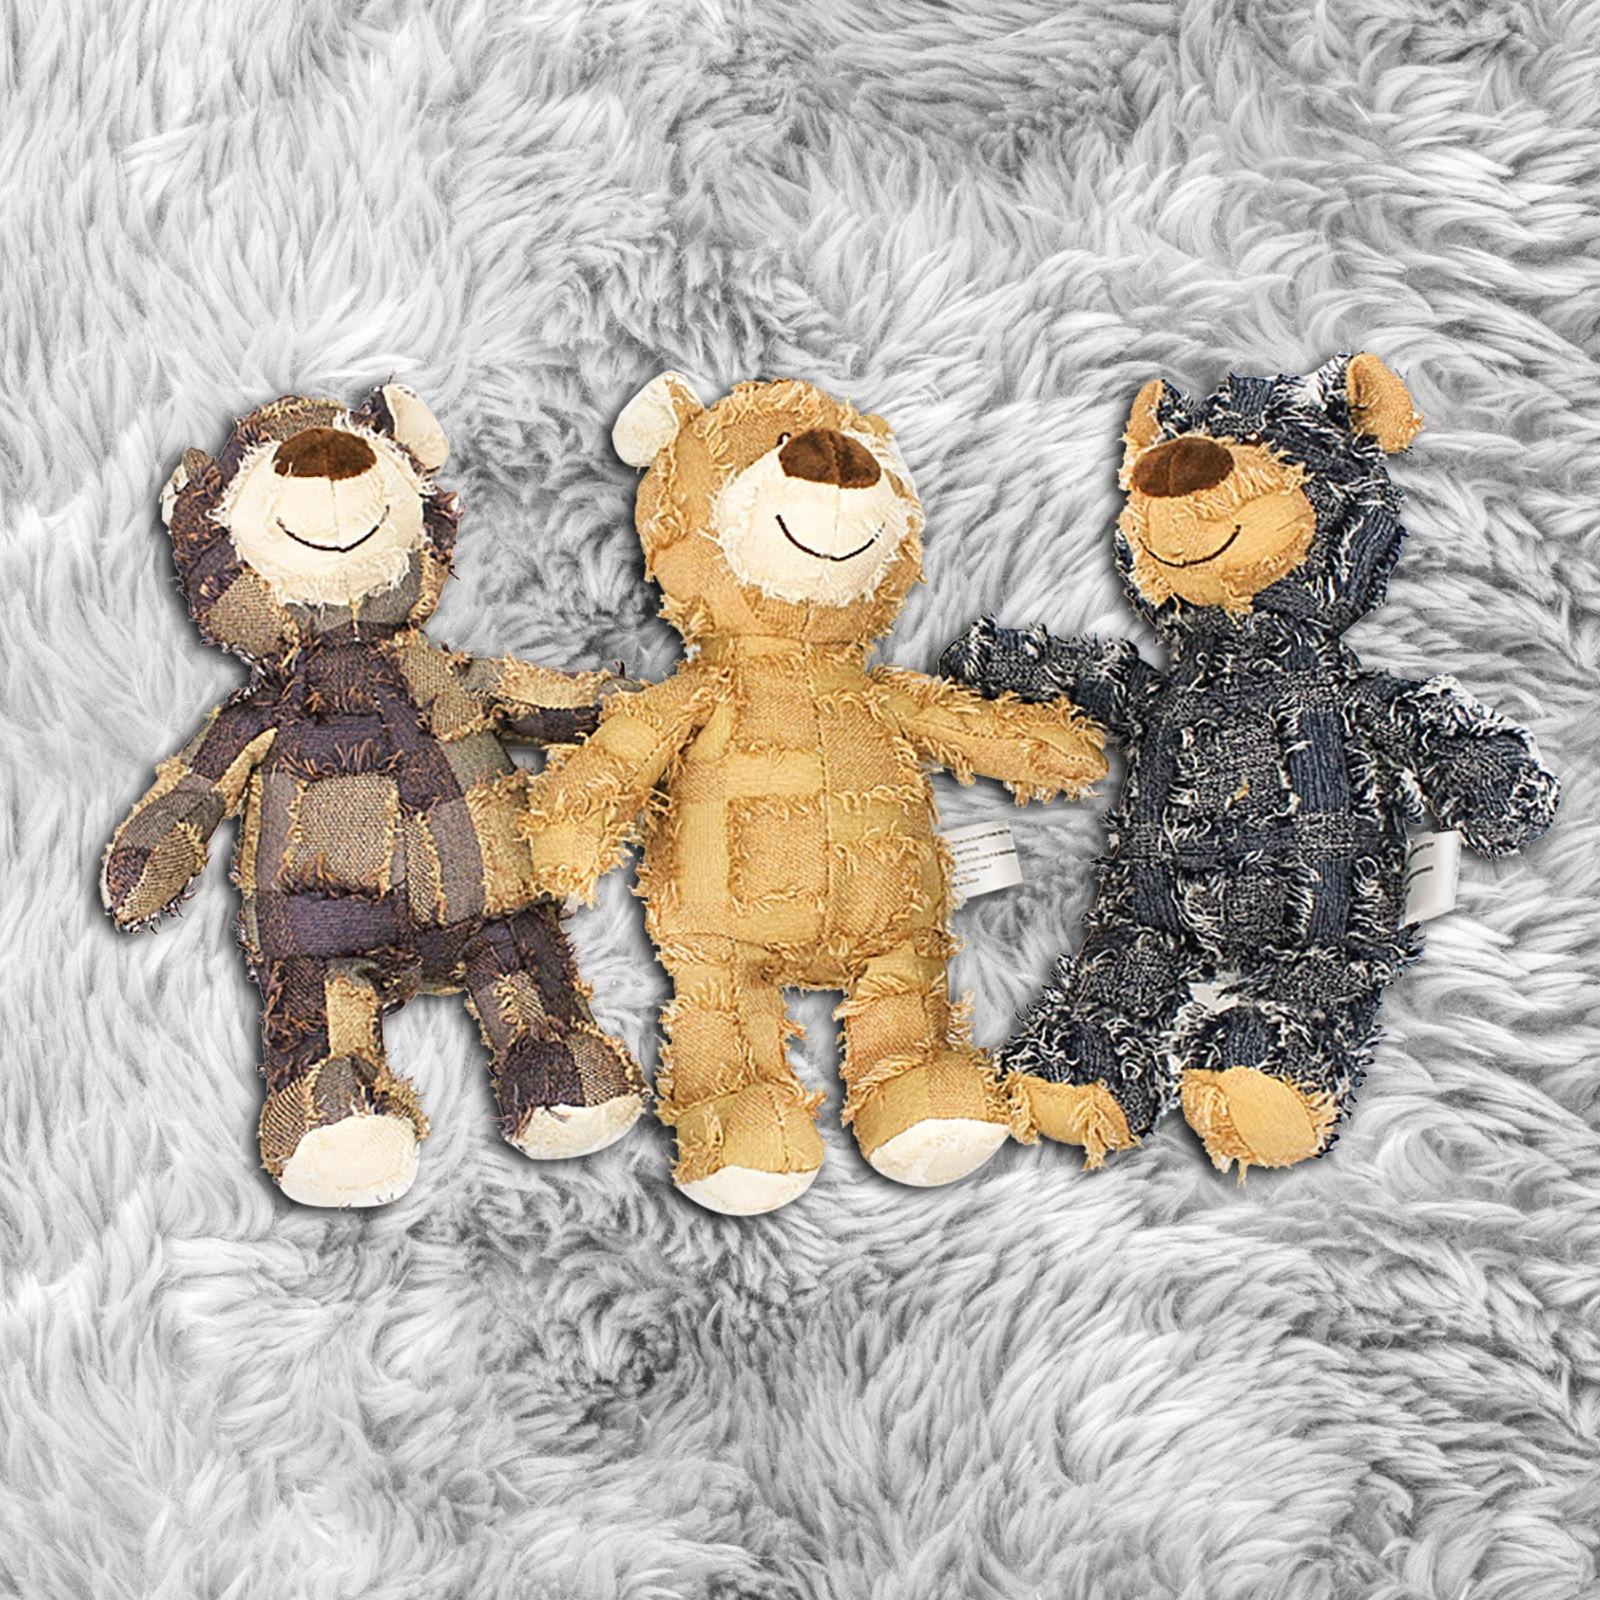 Yeni Euramerican tarzı ses olacak benzersiz dilenci hayvan ayı üç renk isteğe bağlı erkek ve kız için komik hediyeler sevgililer gün